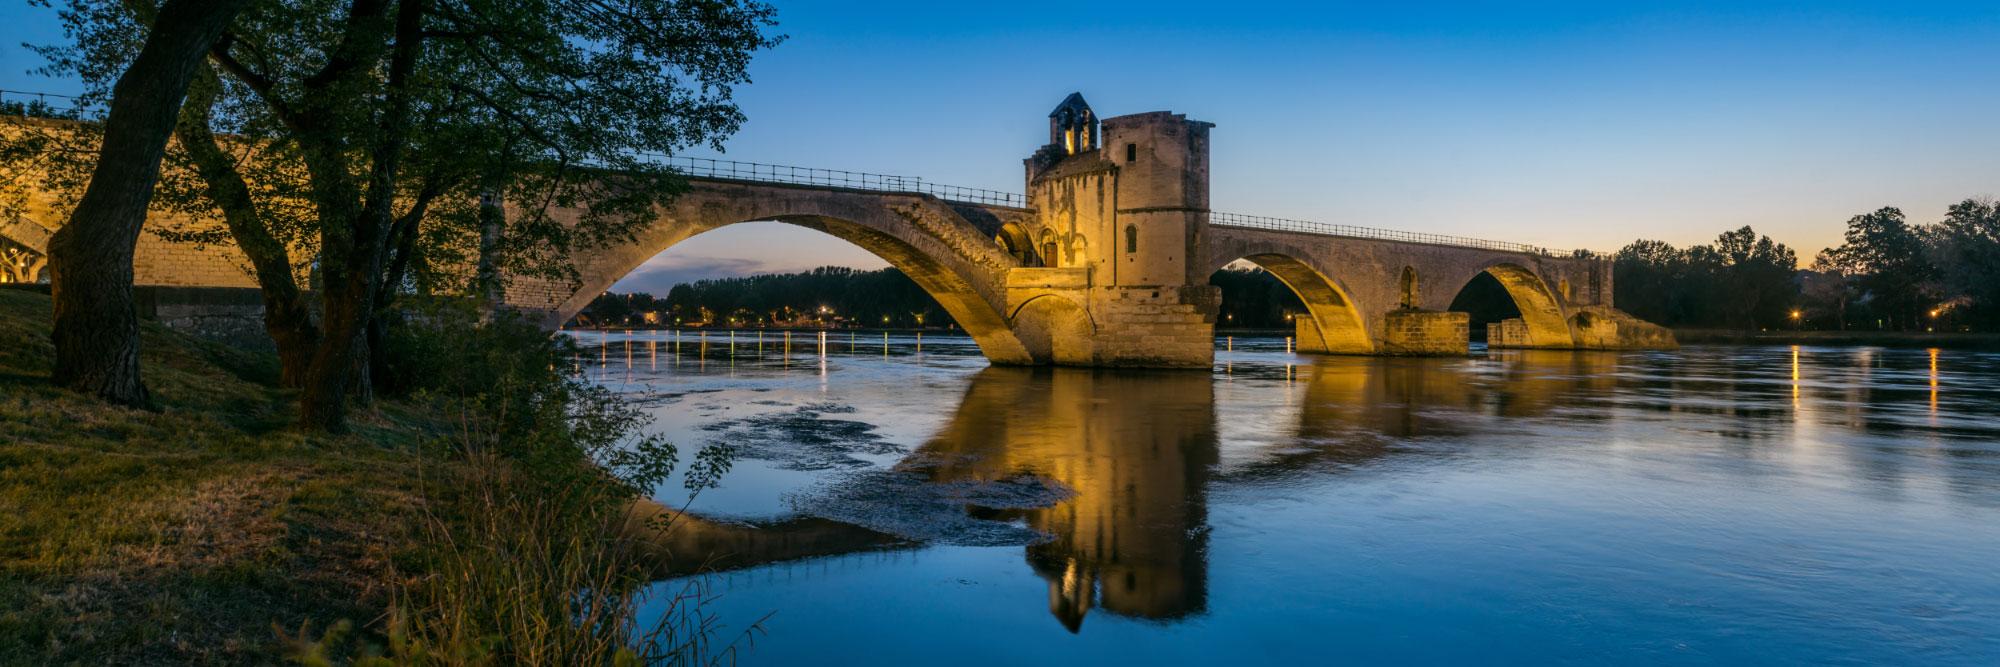 Pont d'Avignon (pont Saint-Bénézet) sur le Rhône